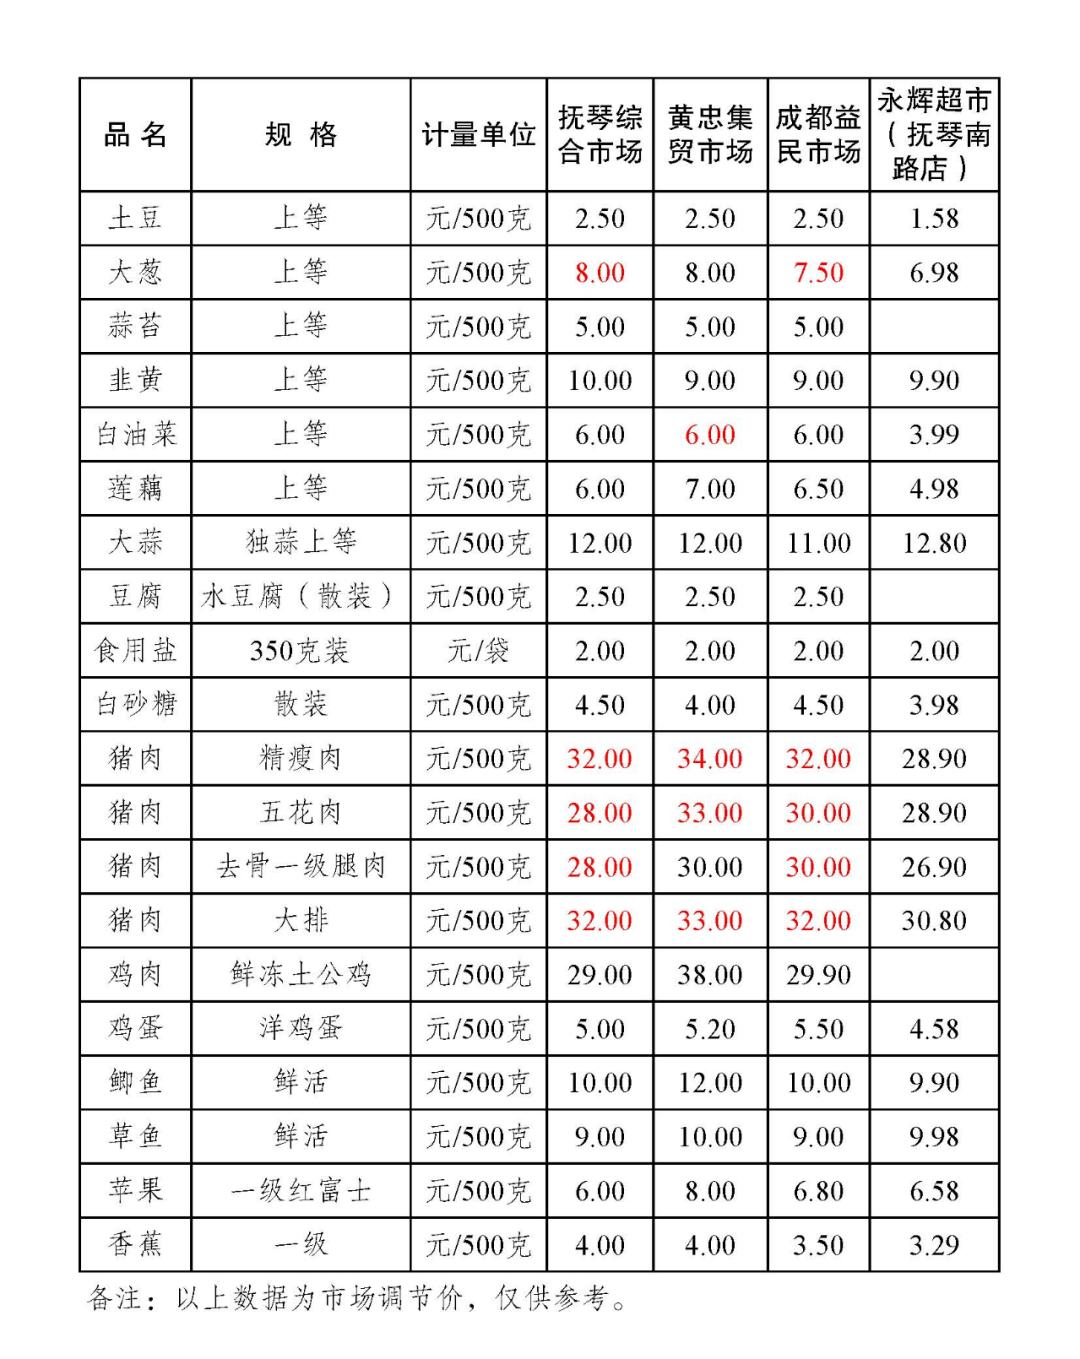 金牛区部分农贸市场主副食品零售价格表(2021.1.5)